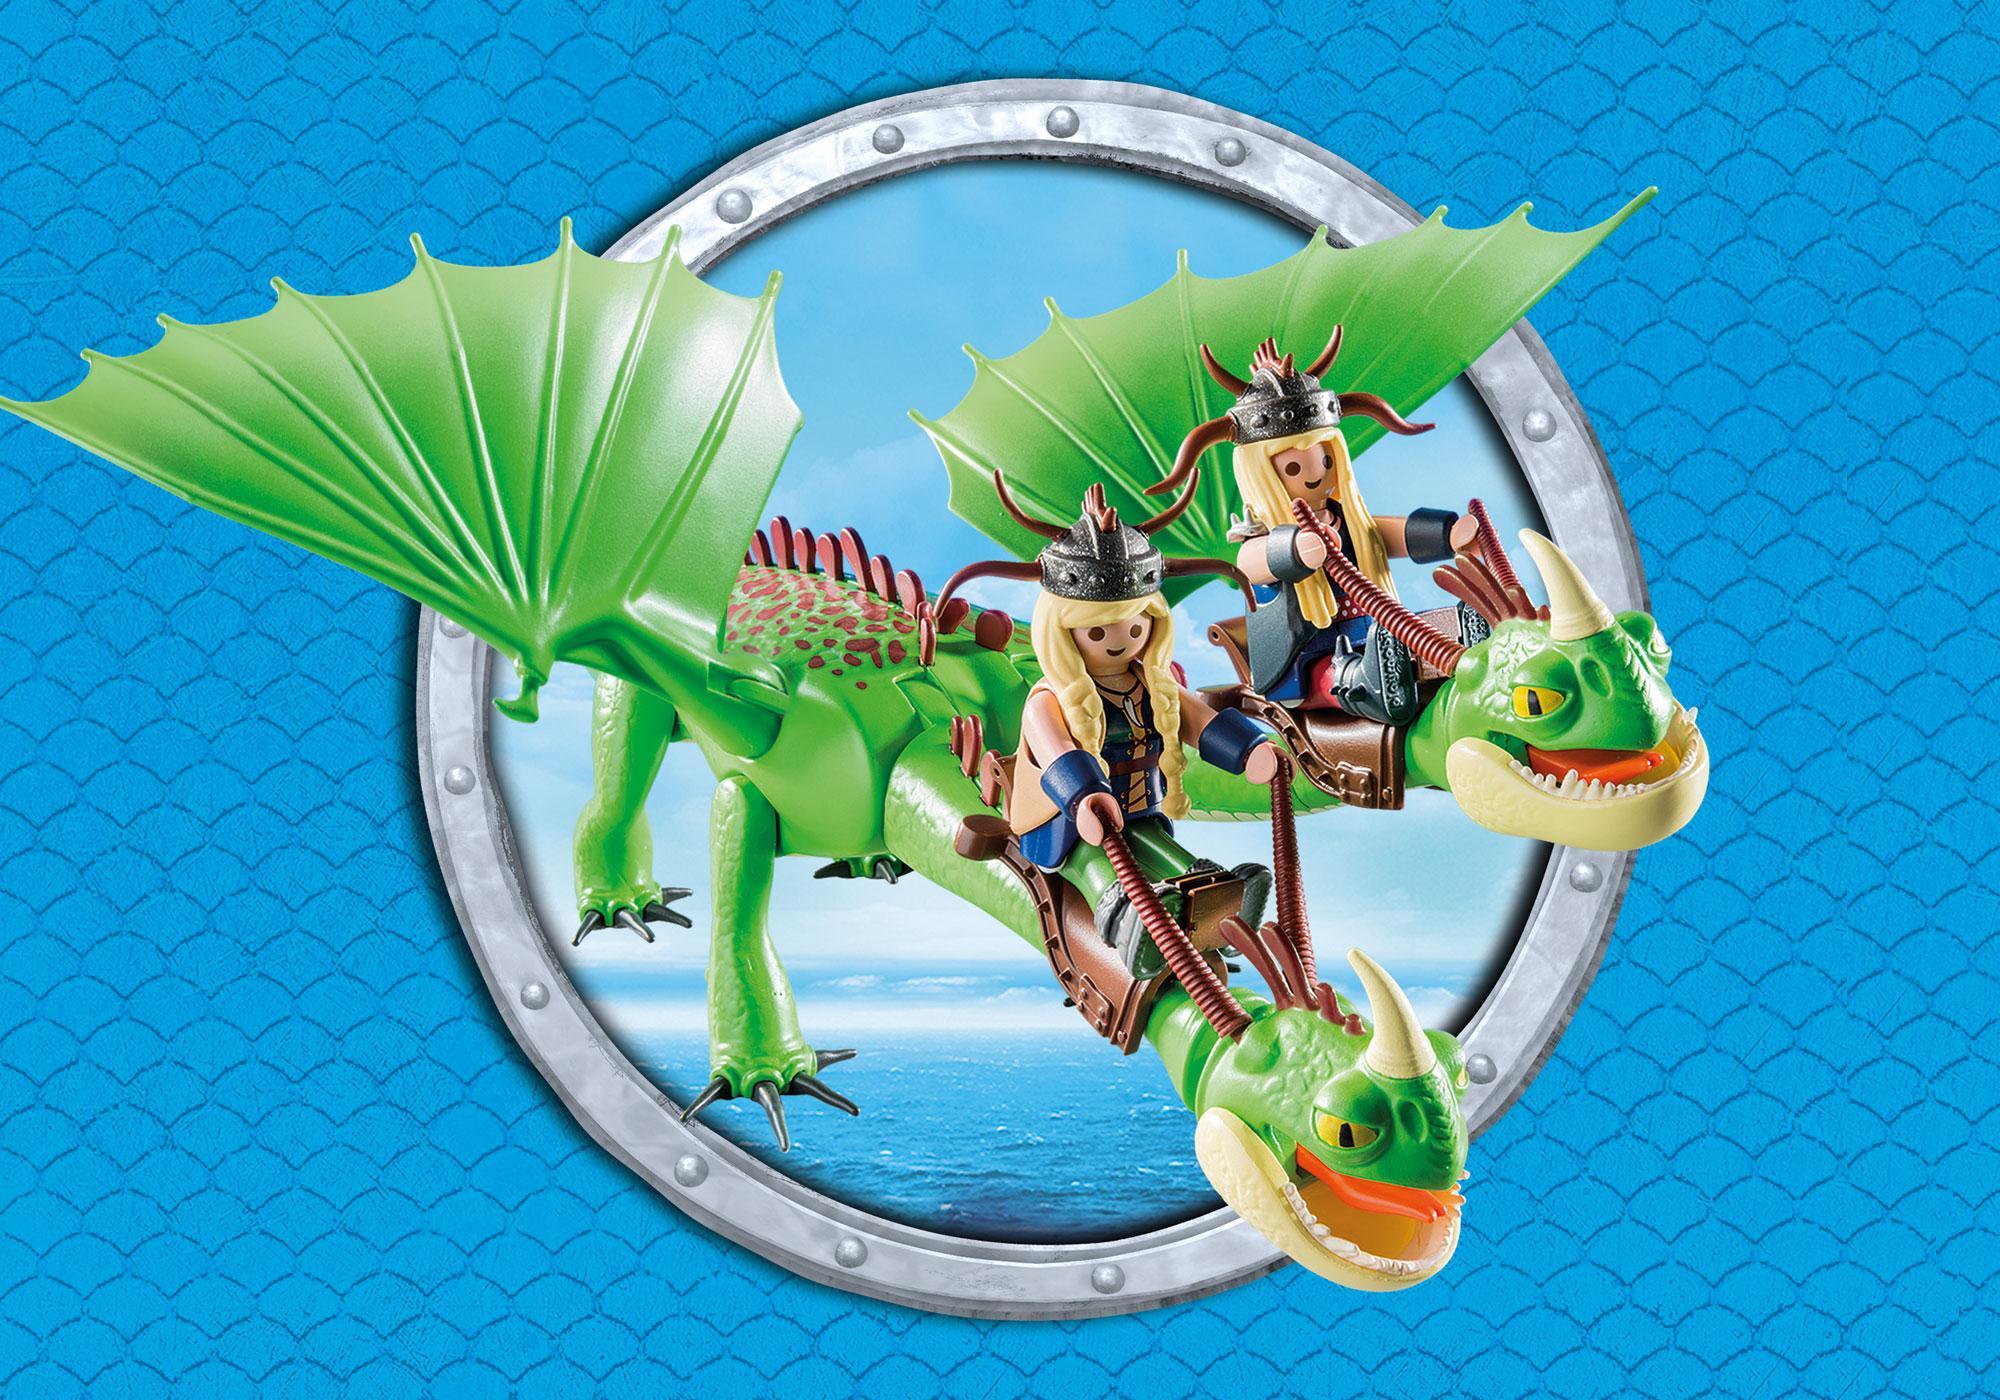 http://media.playmobil.com/i/playmobil/9458_product_extra5/Cabeçaquente e Cabeçadura com Dragão 2 Cabeças